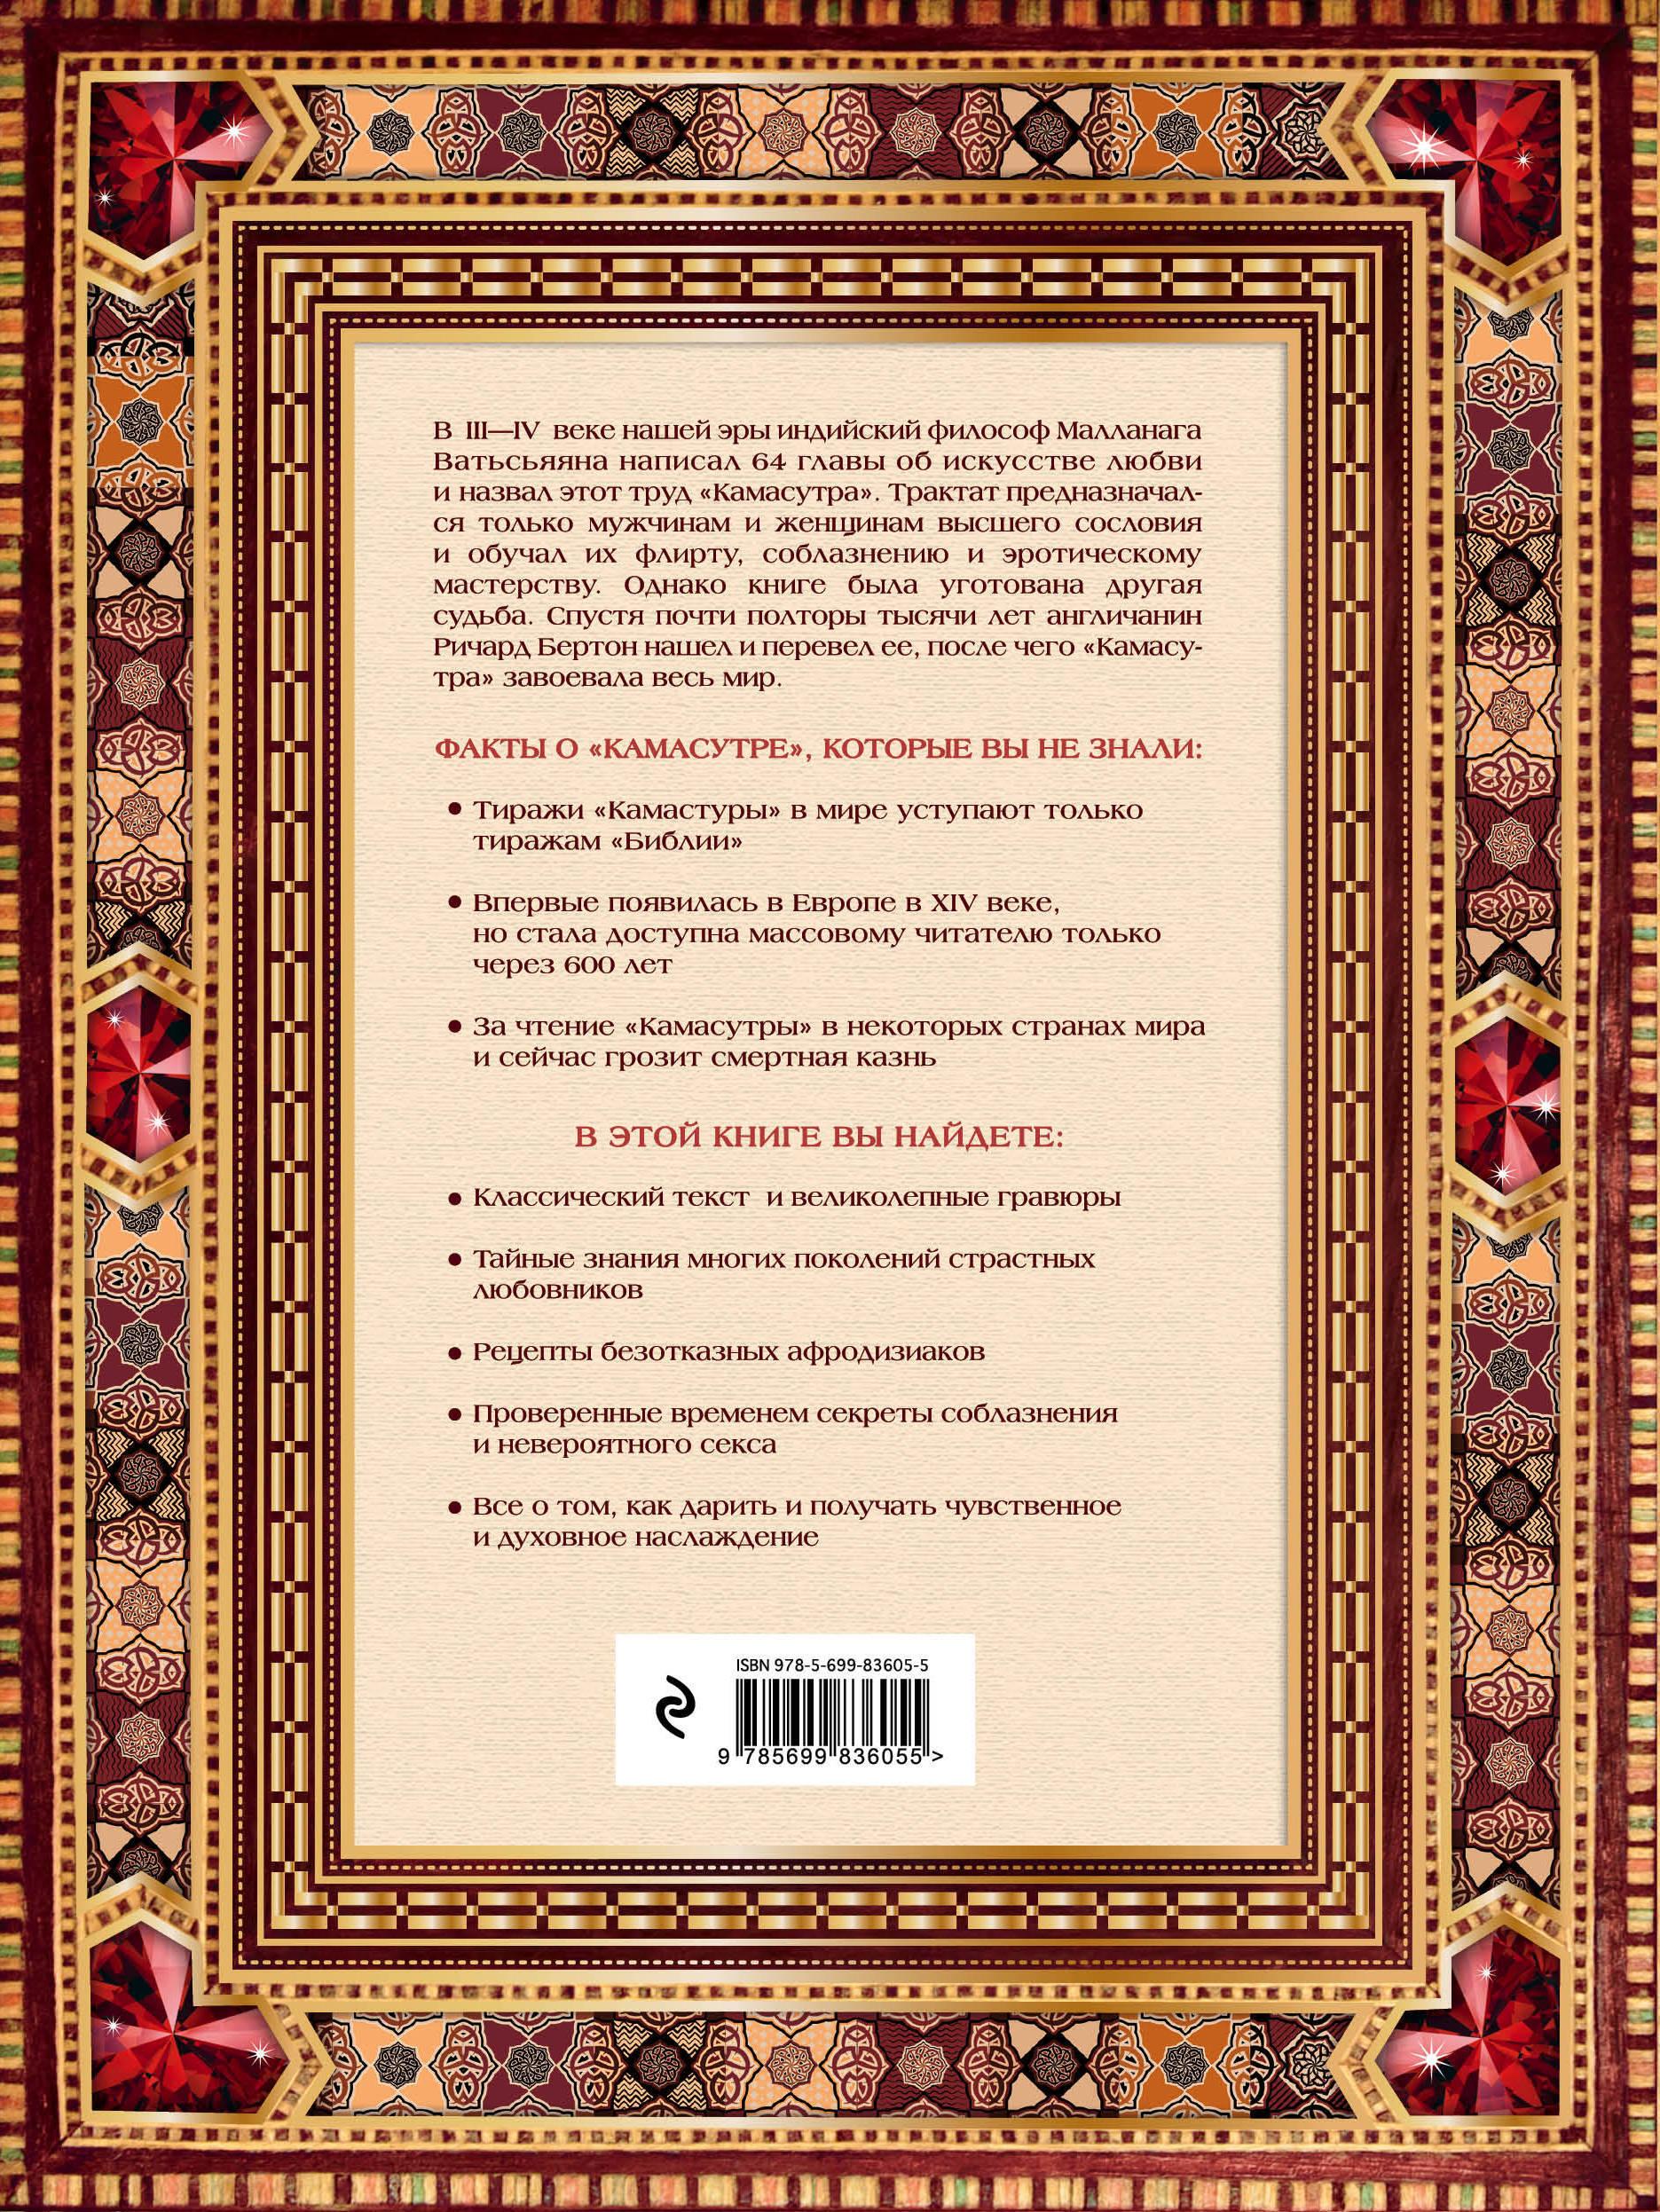 Ватсьяяна Малланага. (2020)Классическая камасутра. Полный текст легендарного трактата о любви | Ватсьяяна Малланага